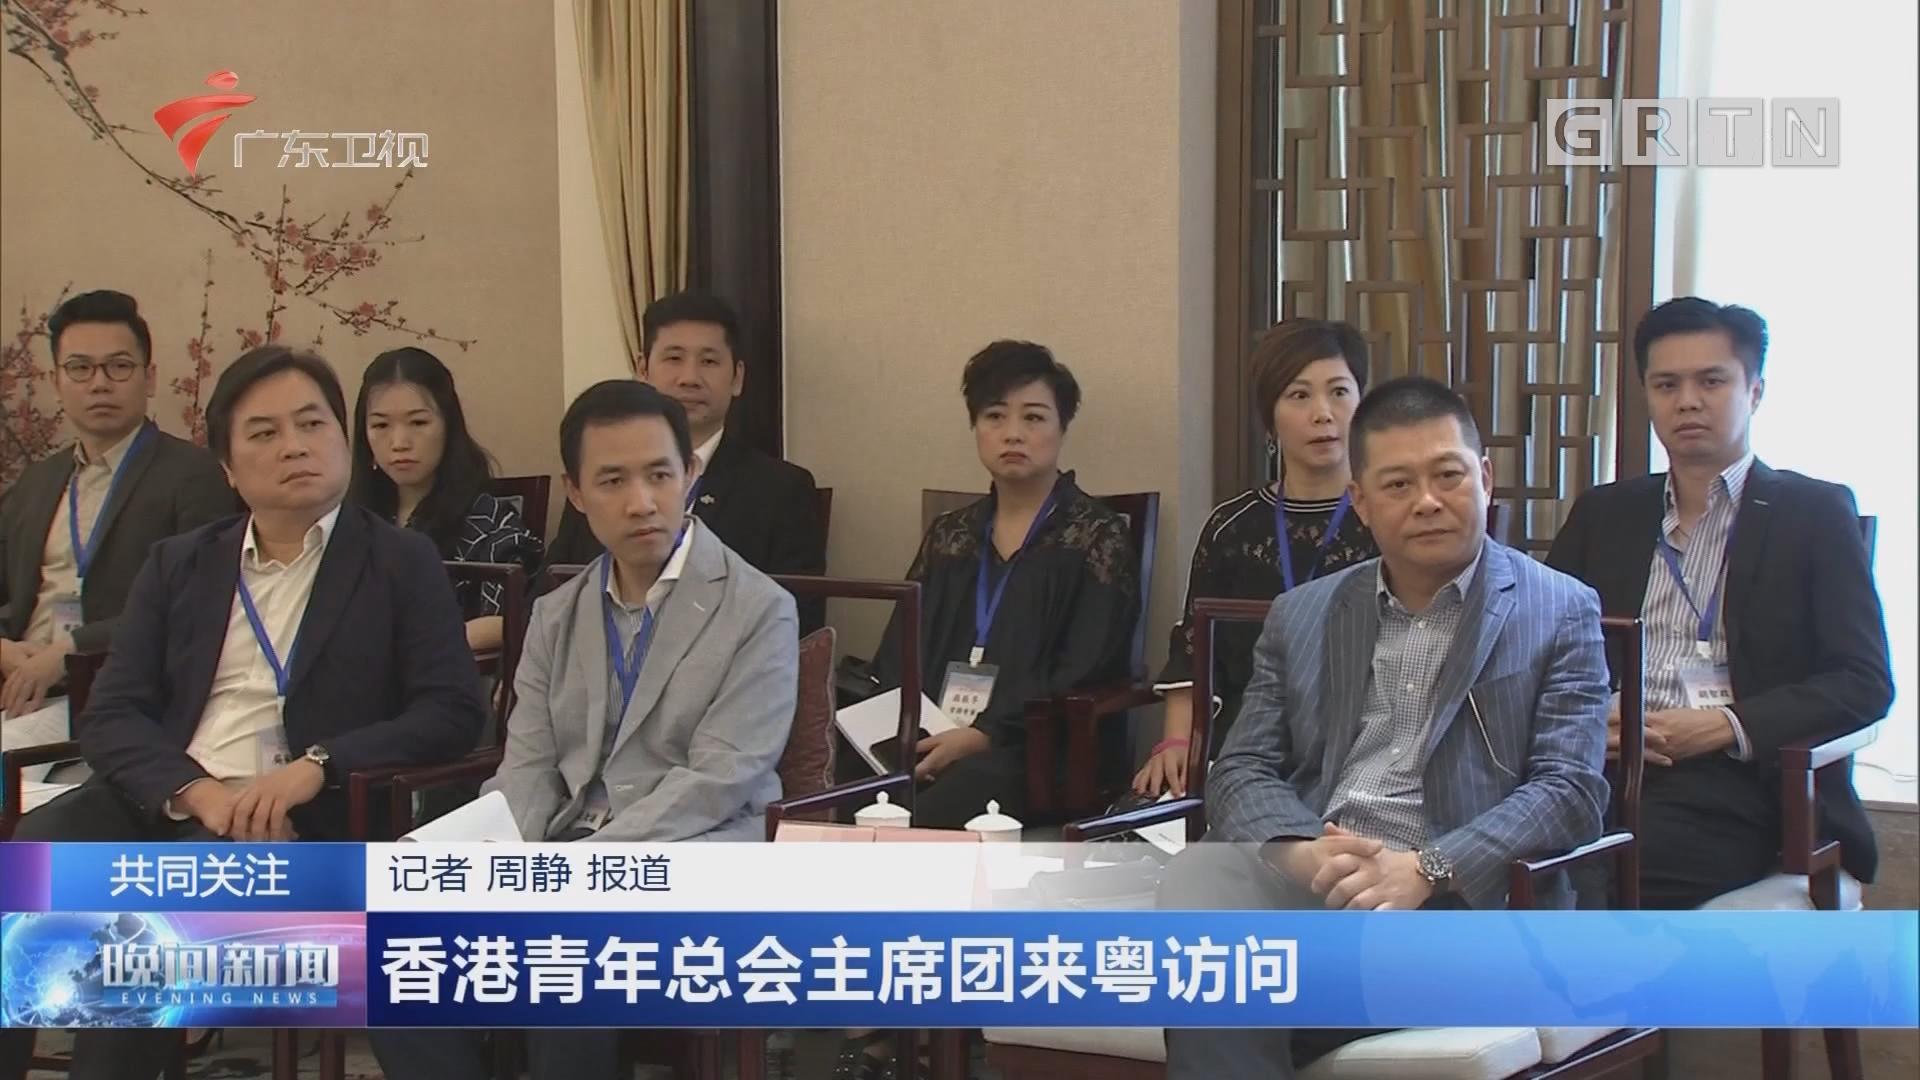 香港青年总会主席团来粤访问